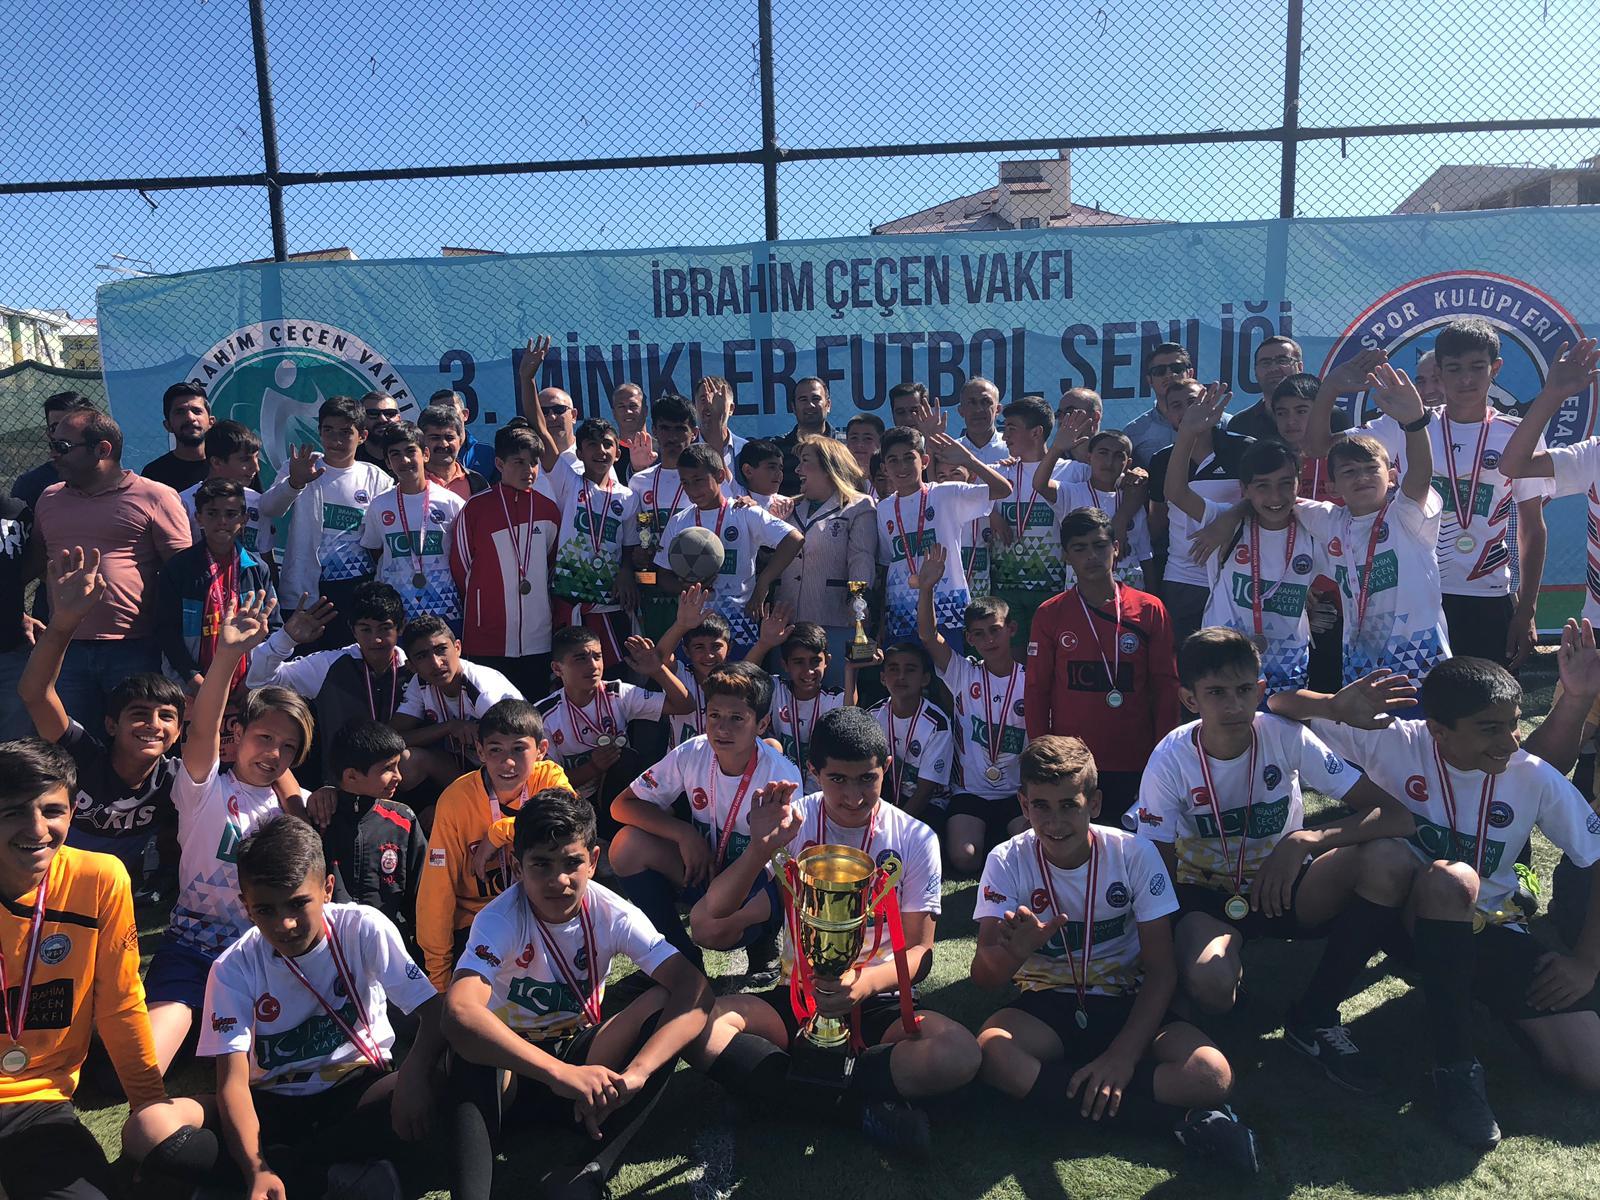 İbrahim Çeçen Vakfı 3.Minikler Futbol Şenliği Sona erdi